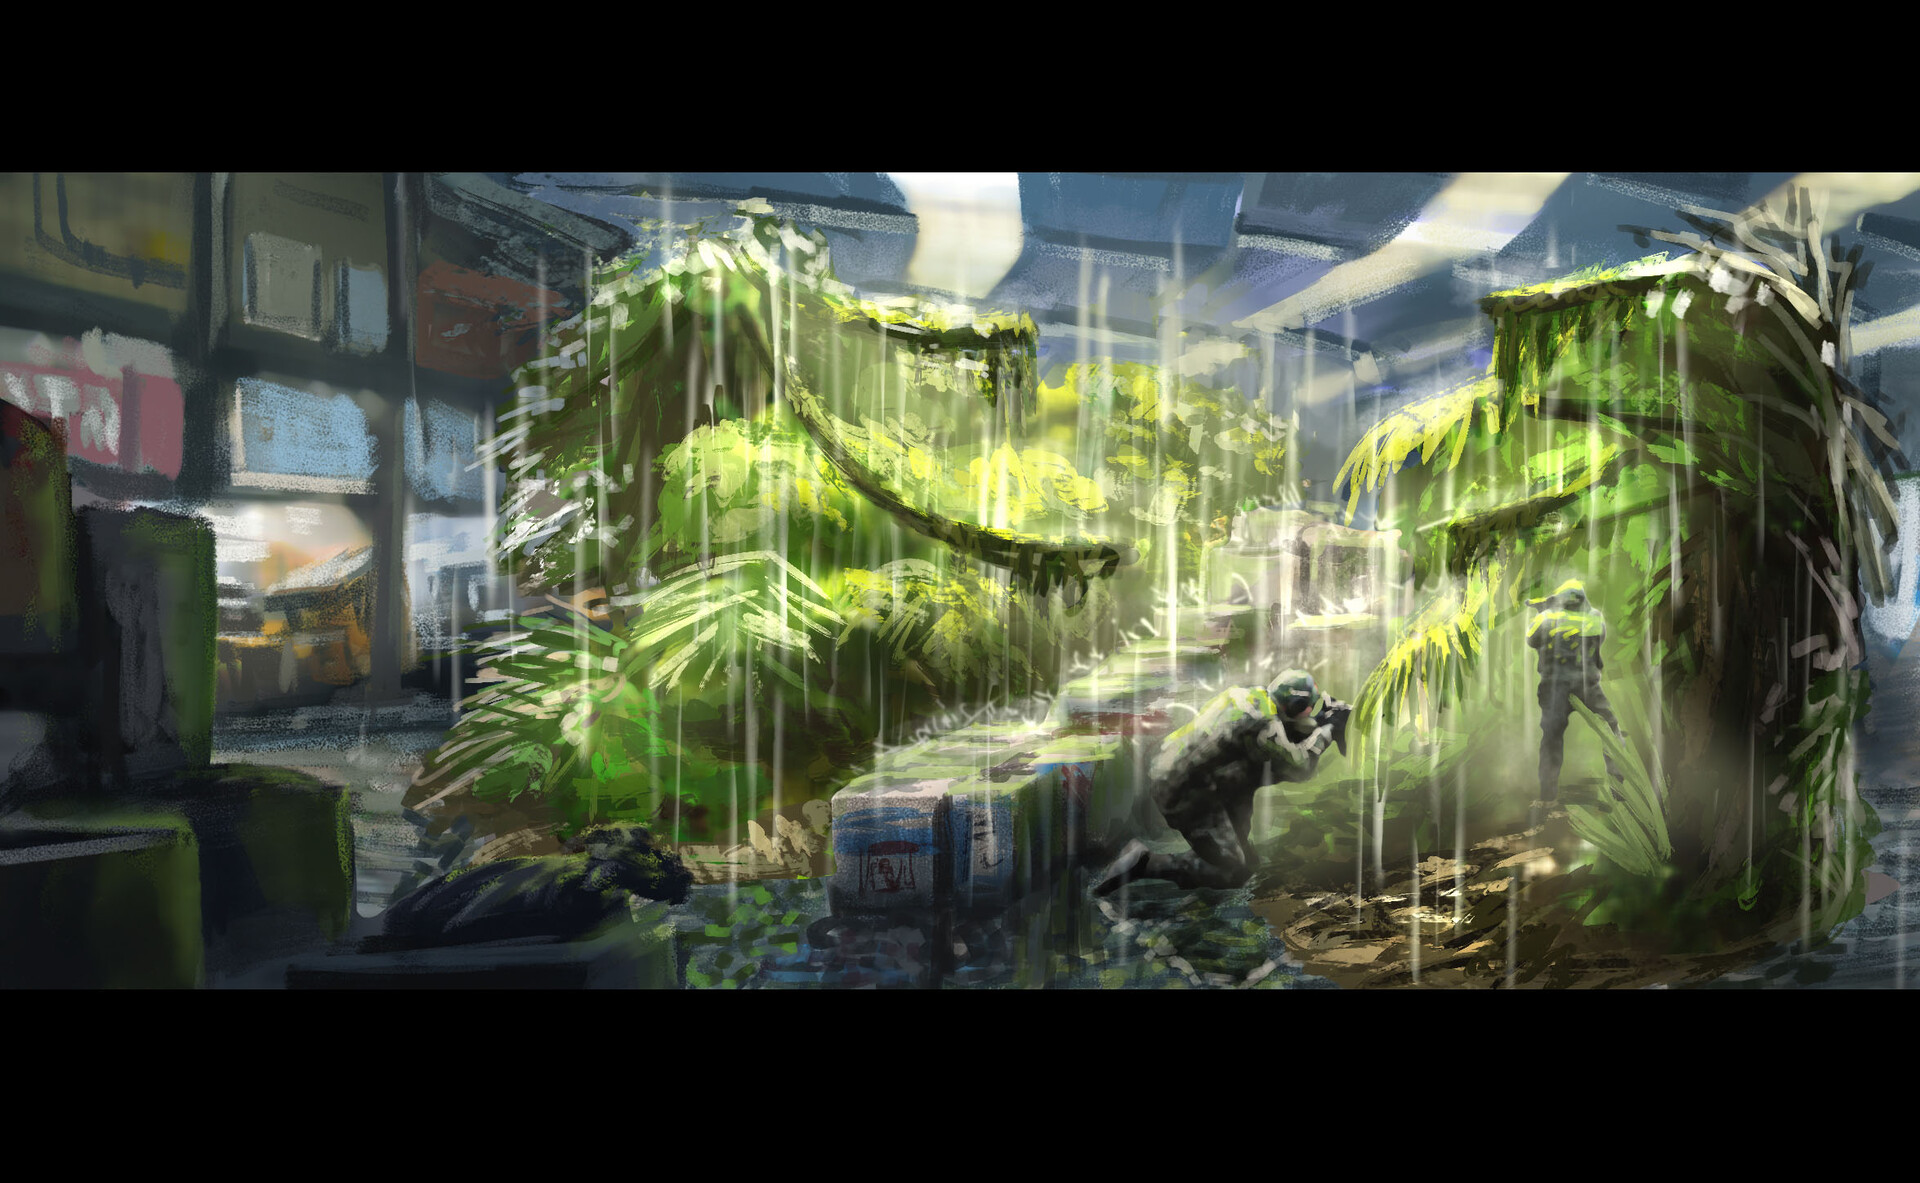 Jungle in the Fishmarket // Technique / Lighting / Environment (90-120 min)